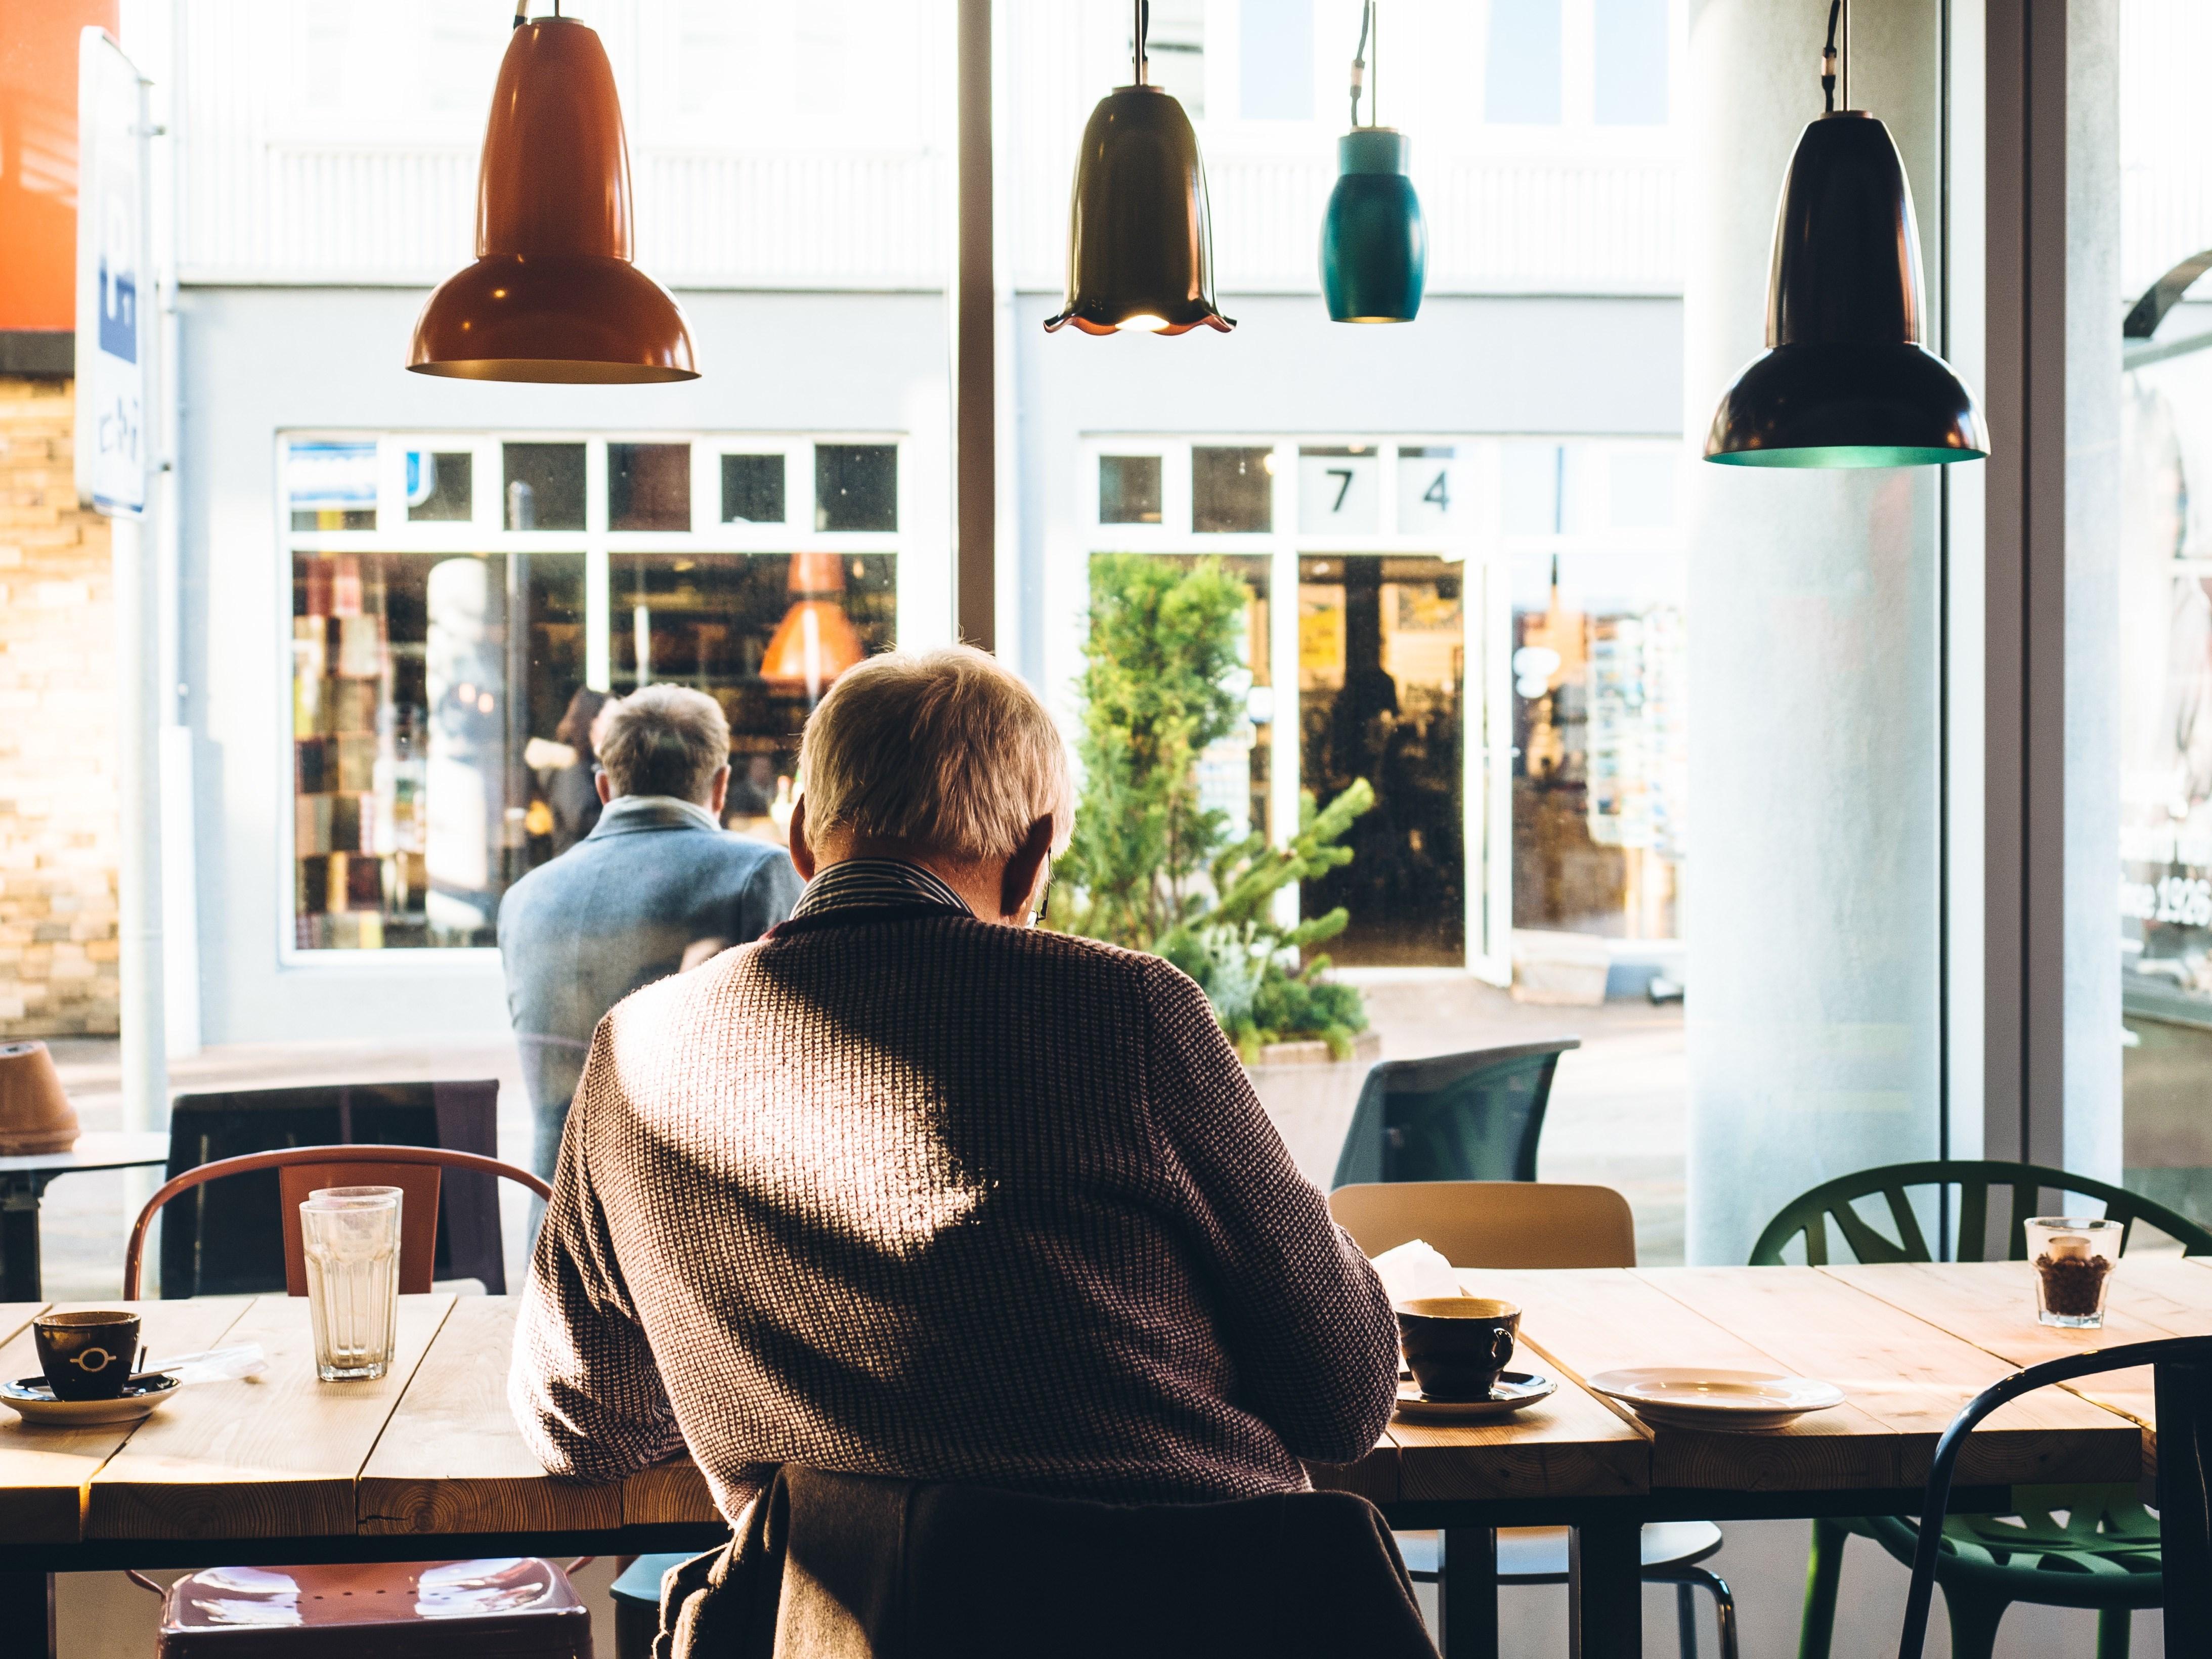 Alternatieve seniorenhypotheken nodig door woningtekort